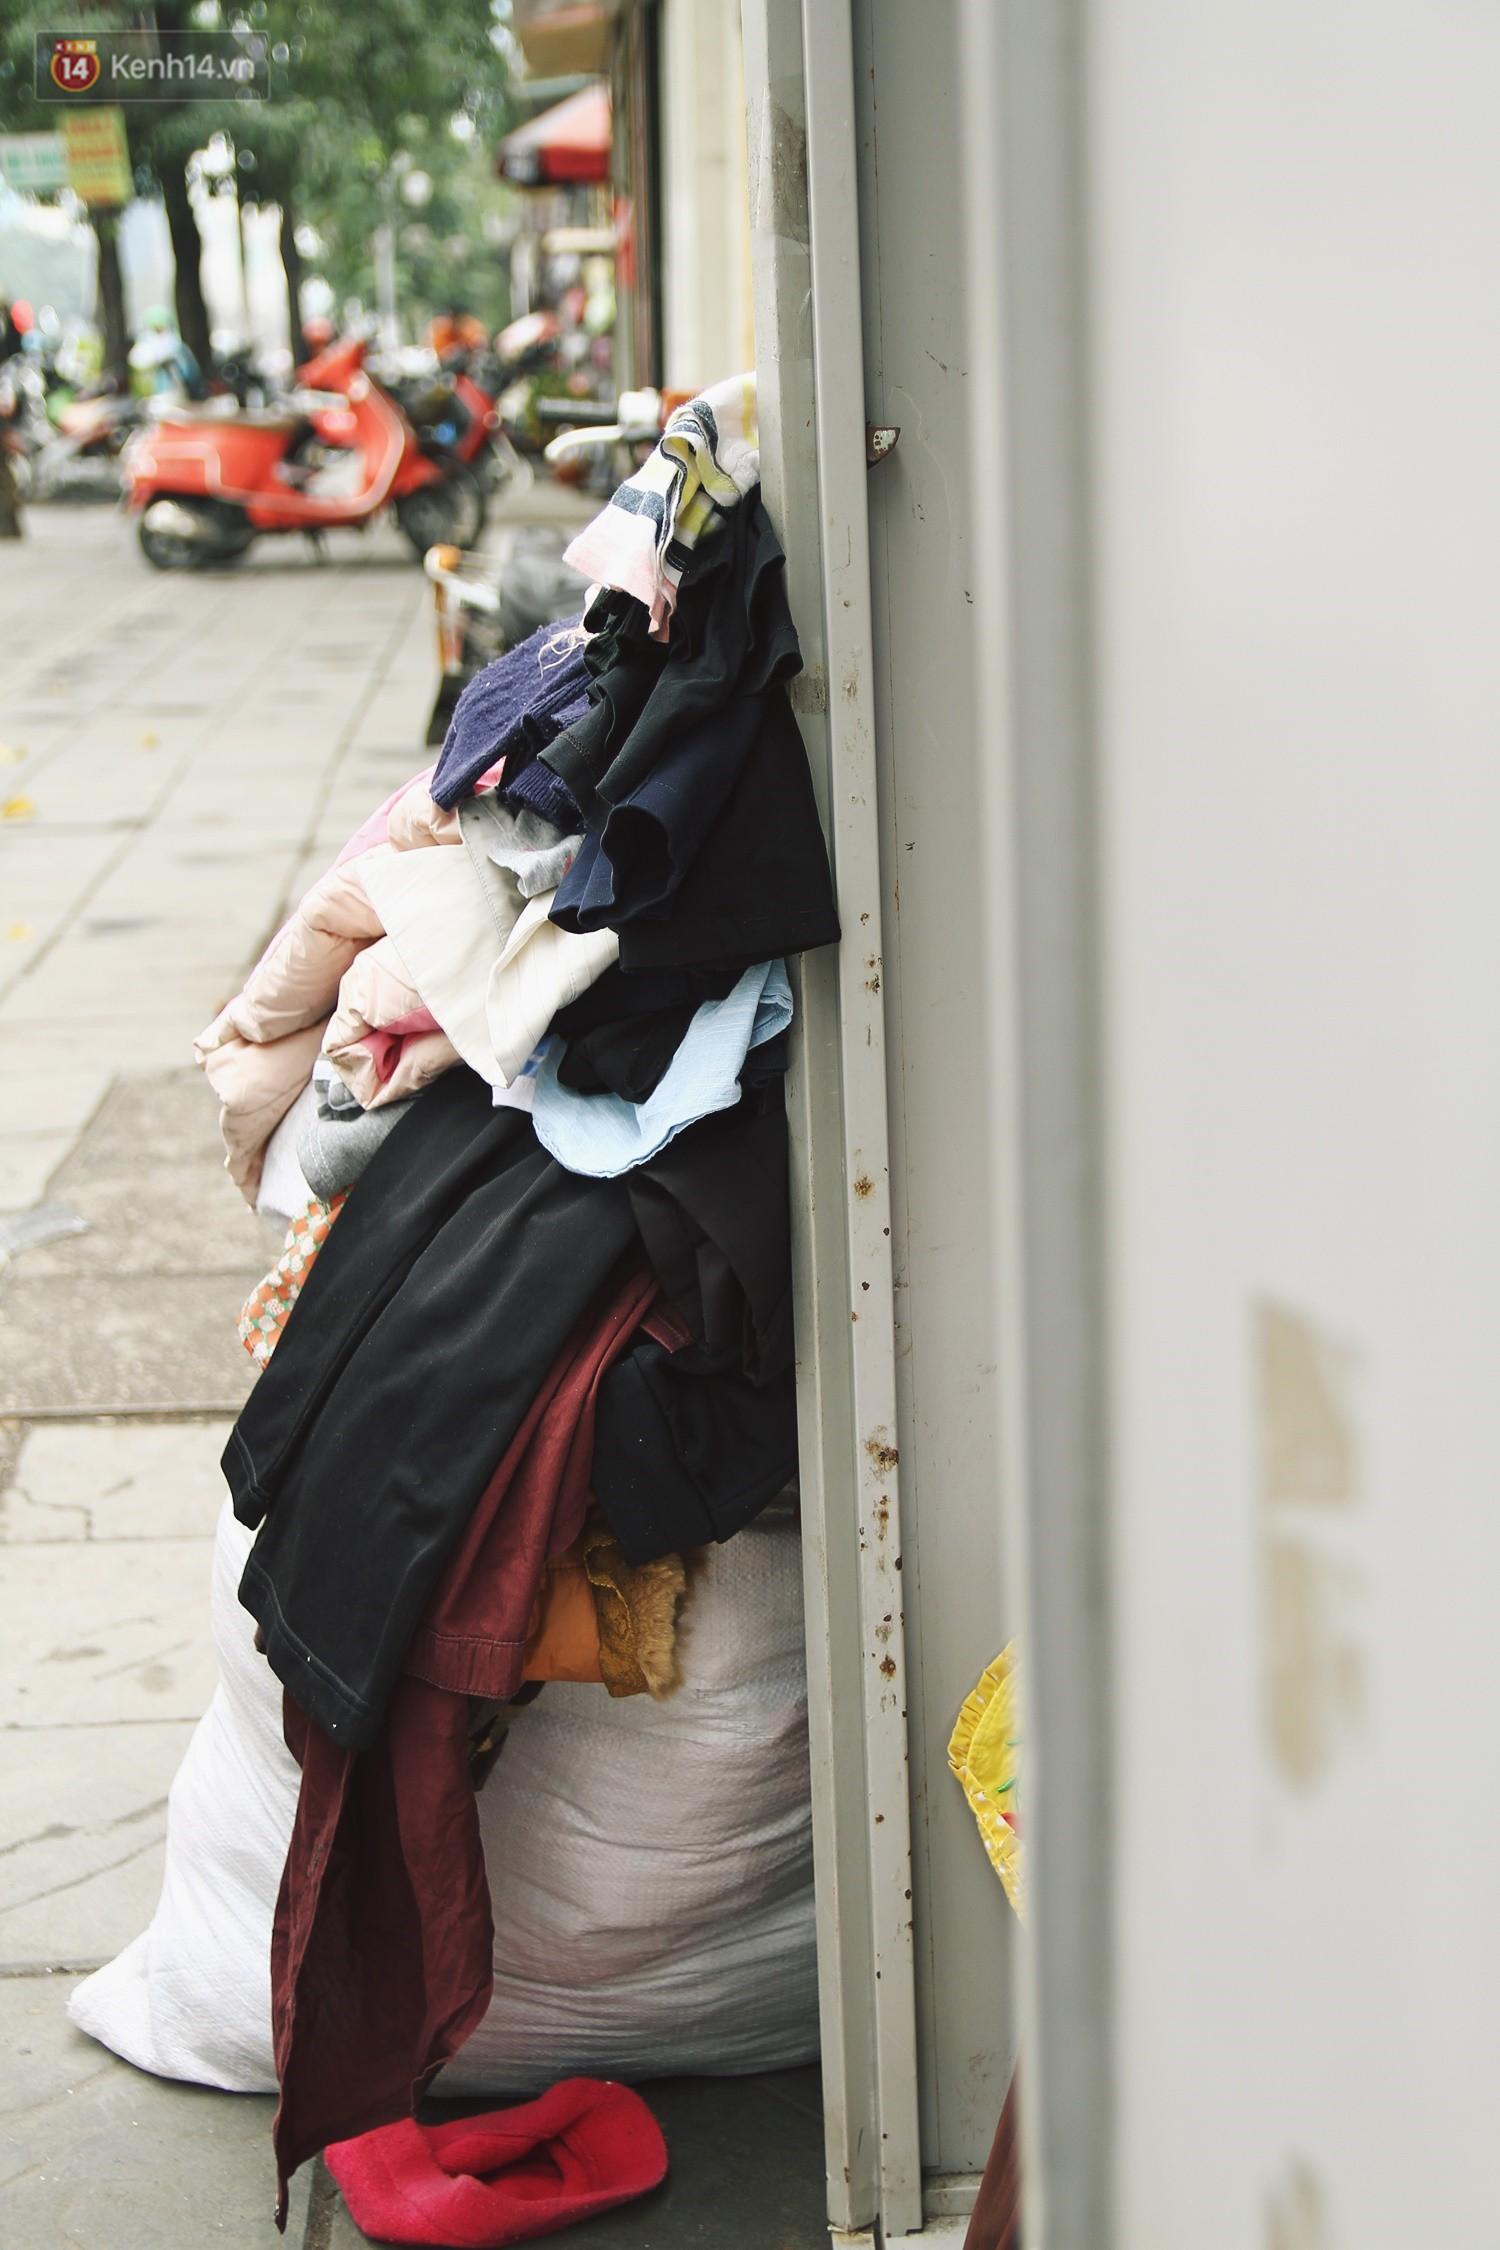 Cái kết buồn của tủ quần áo ai thừa ủng hộ, ai thiếu đến lấy ở Hà Nội: Người gom đồ từ thiện đi bán, người tặng cả áo rách, quần lót cũ - Ảnh 3.